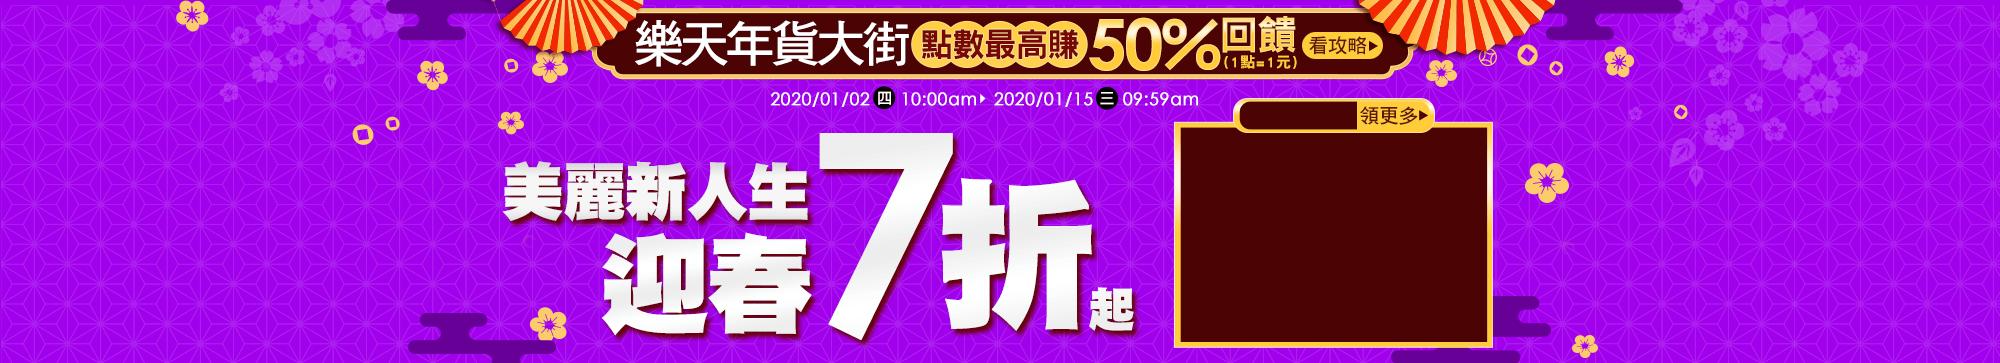 樂天年貨大街:迎春彩妝保養7折起,最高再賺50%回饋